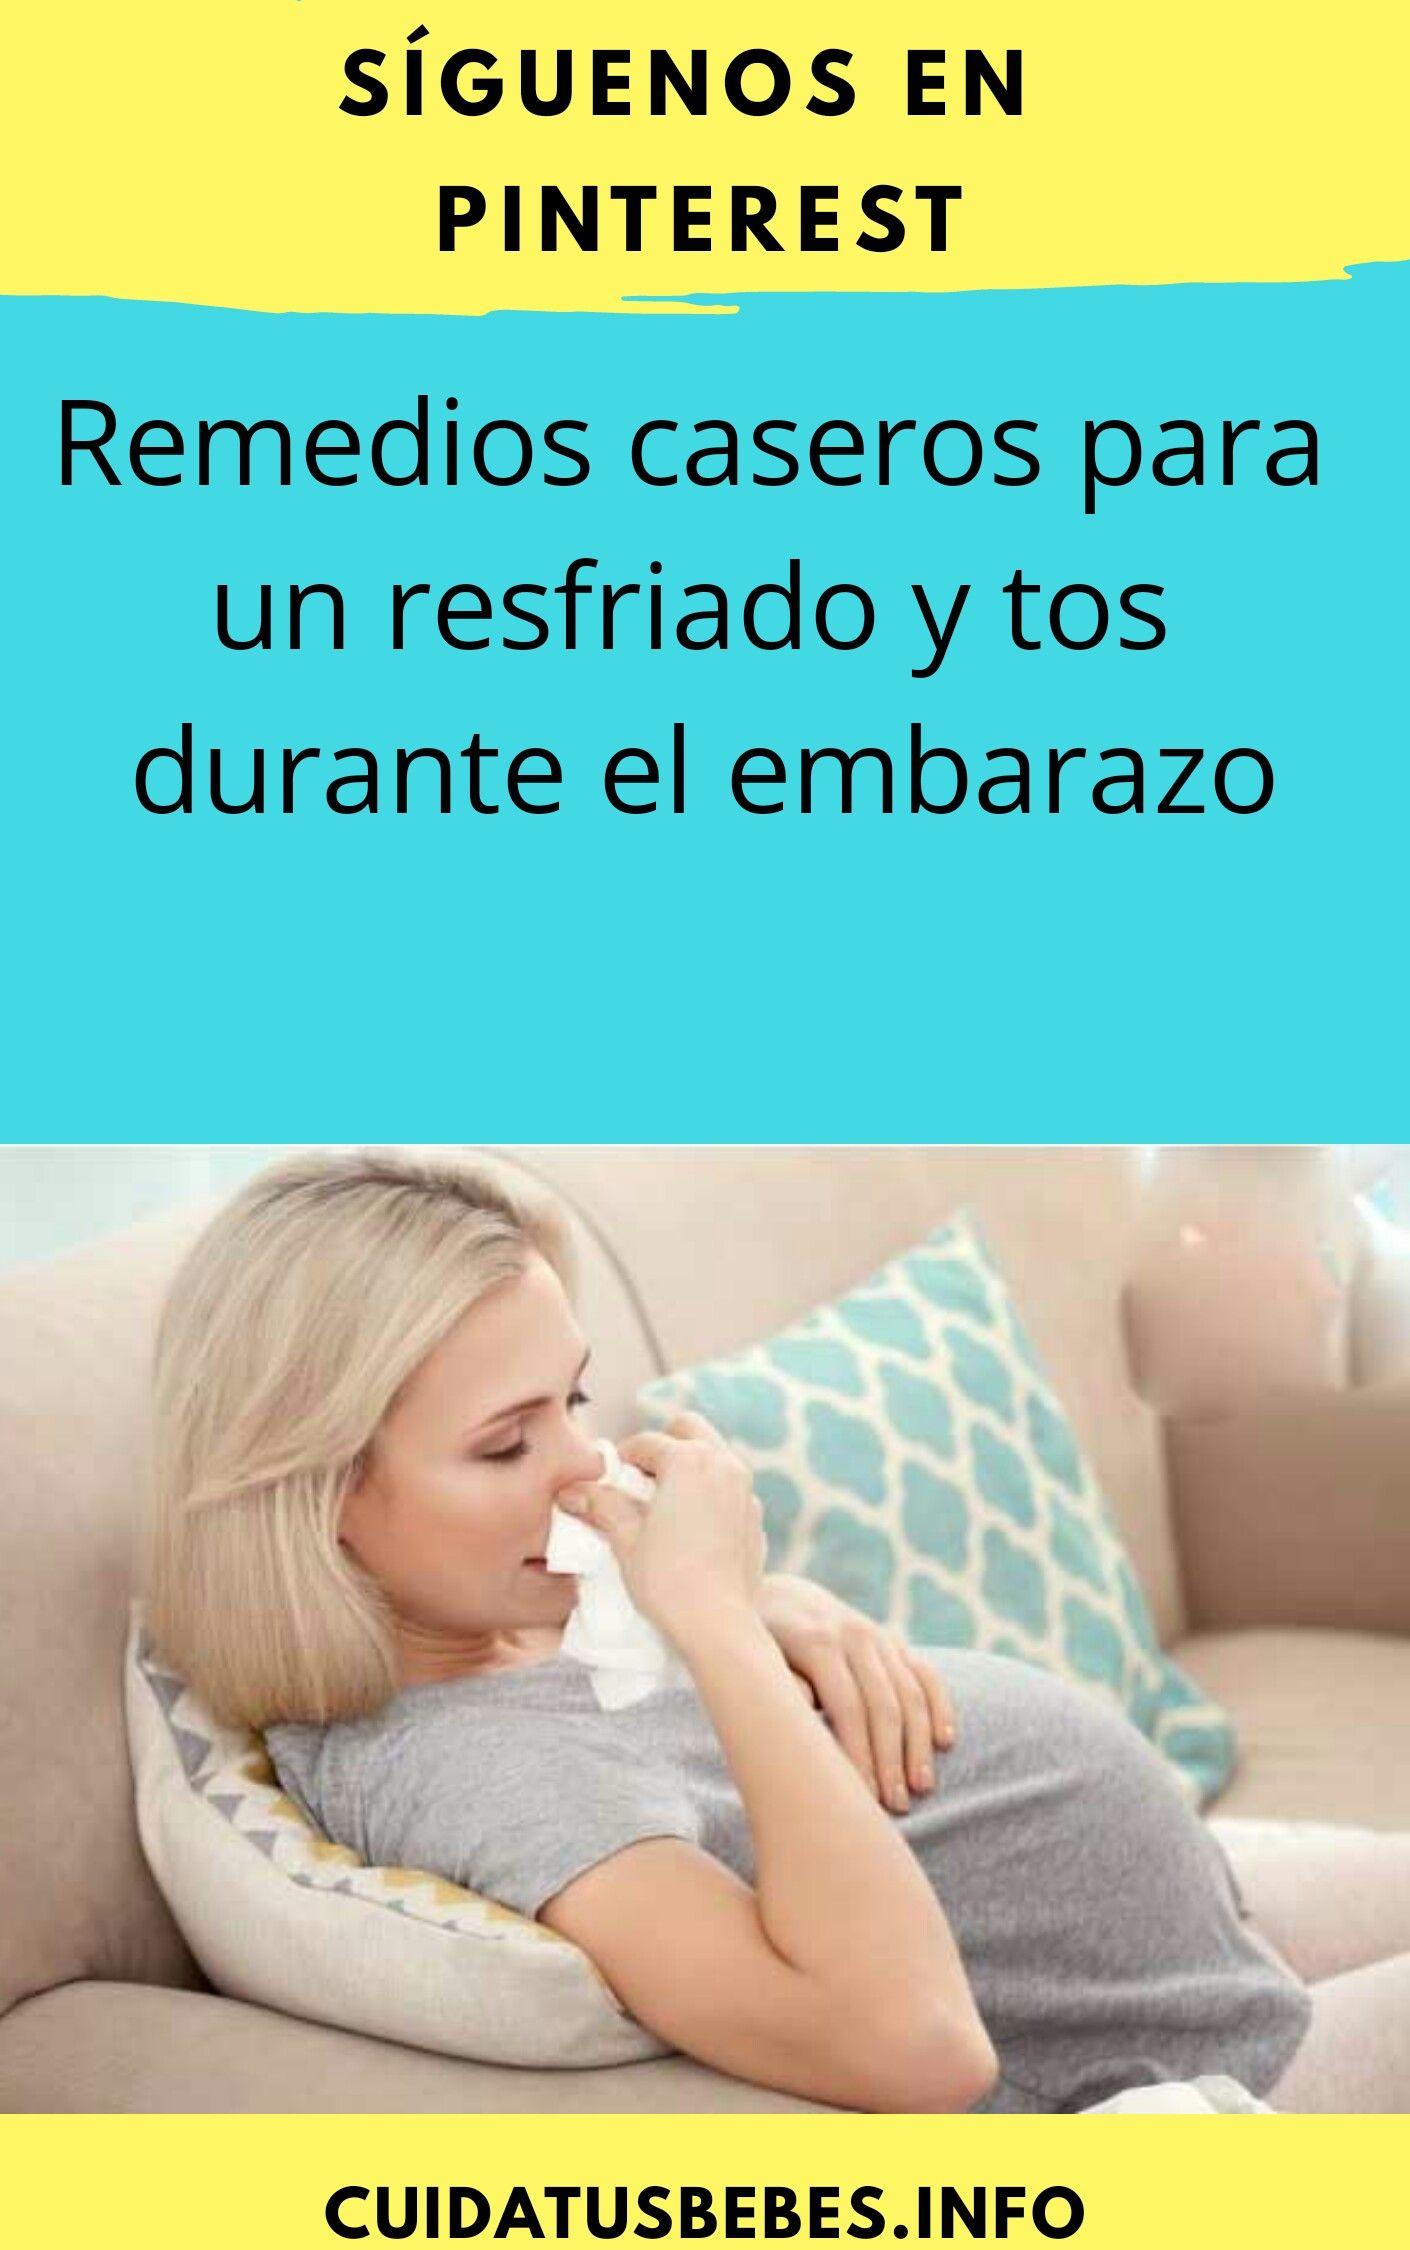 remedio casero para la gripe estoy embarazada